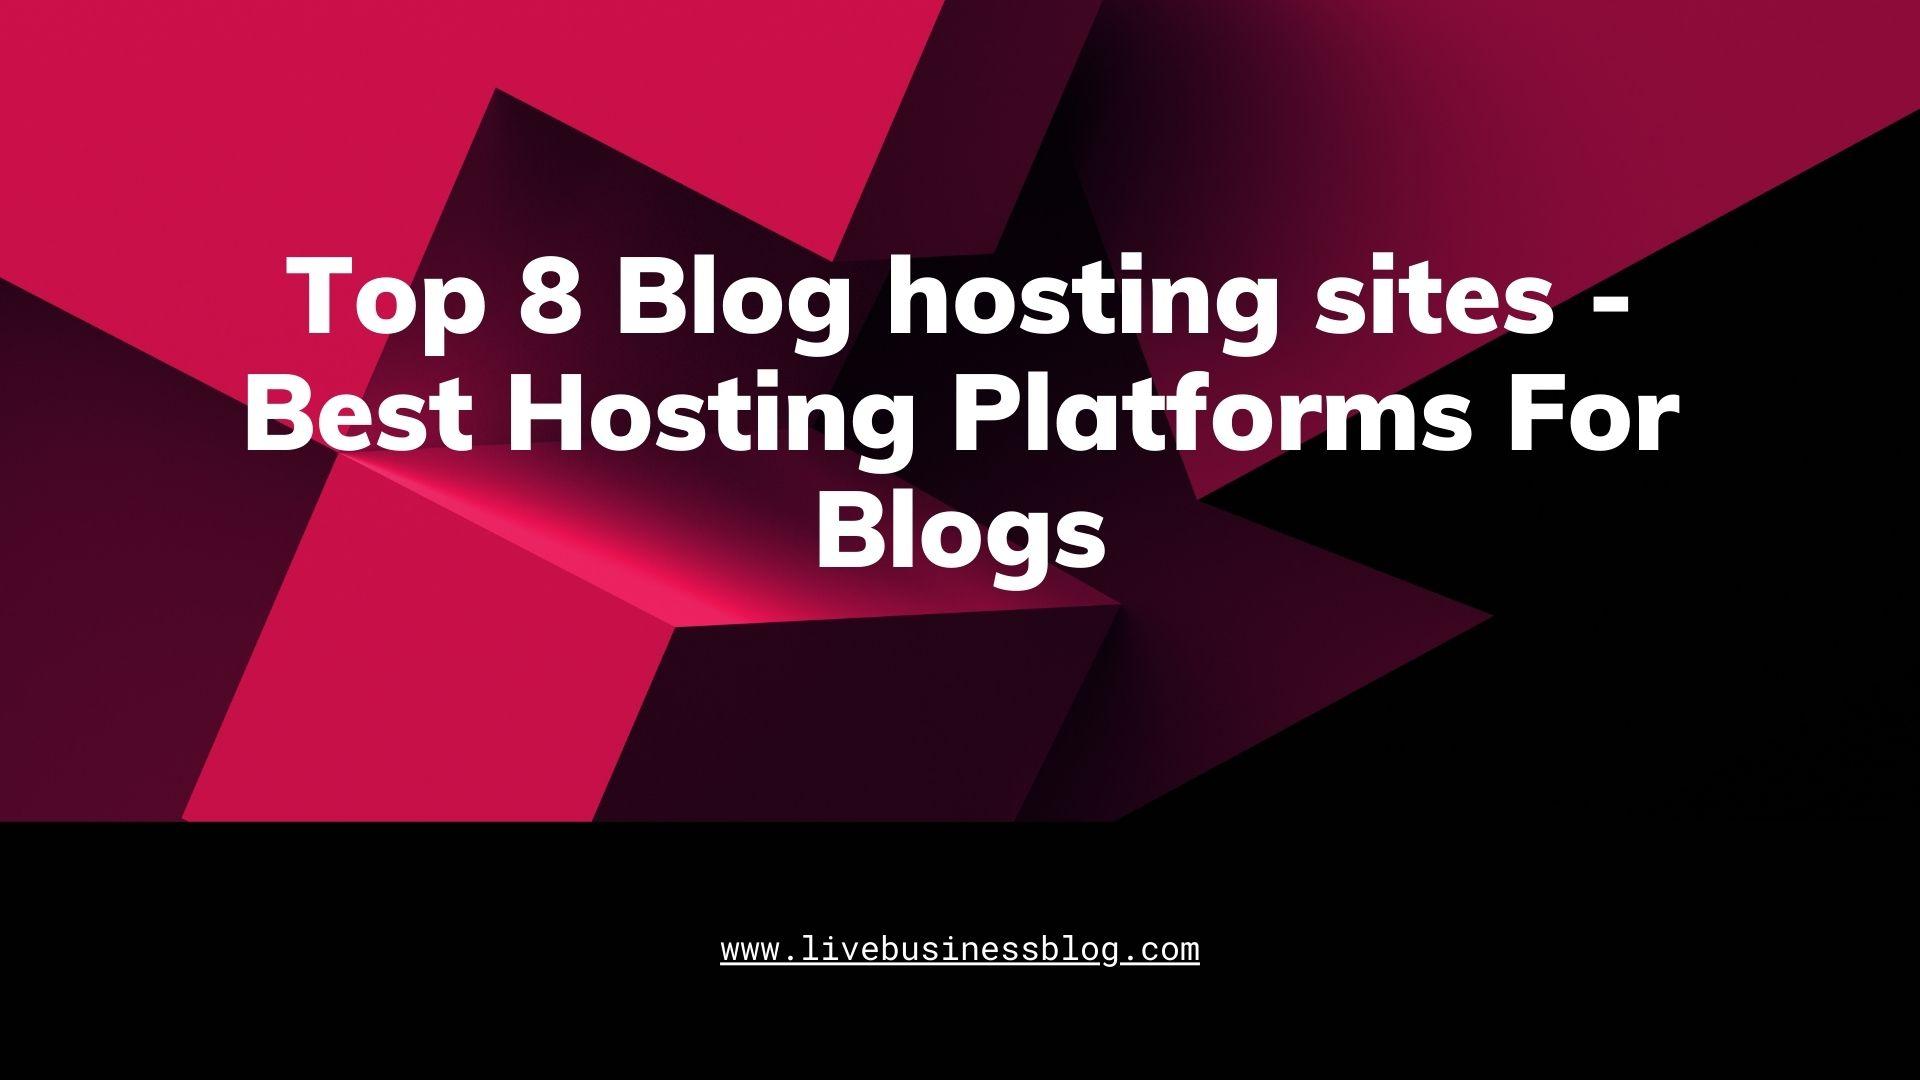 Top 8 Blog hosting sites - Best Hosting Platforms For Blogs